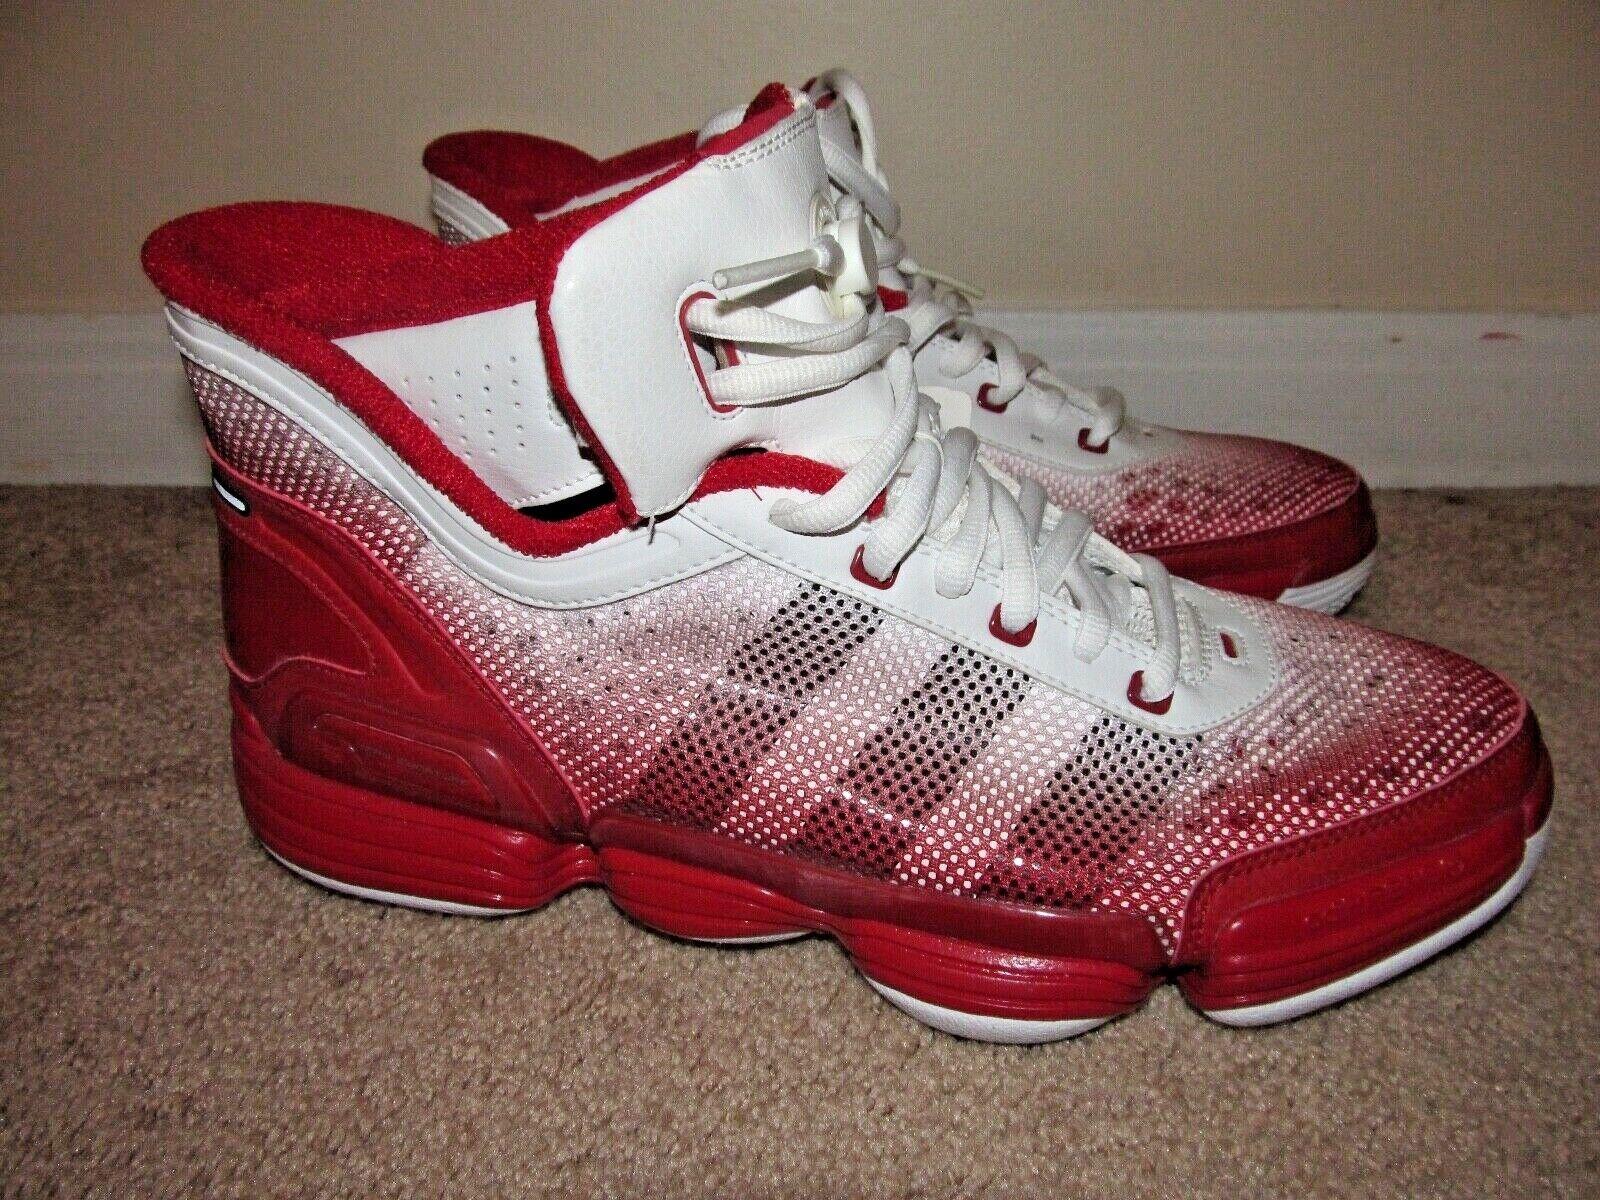 8a483740881 Para Hombre De Cuadros Rojos TS calor Adidas Zapatillas Tamaño EE. UU. de  10.5 balpax6454-zapatos nuevos